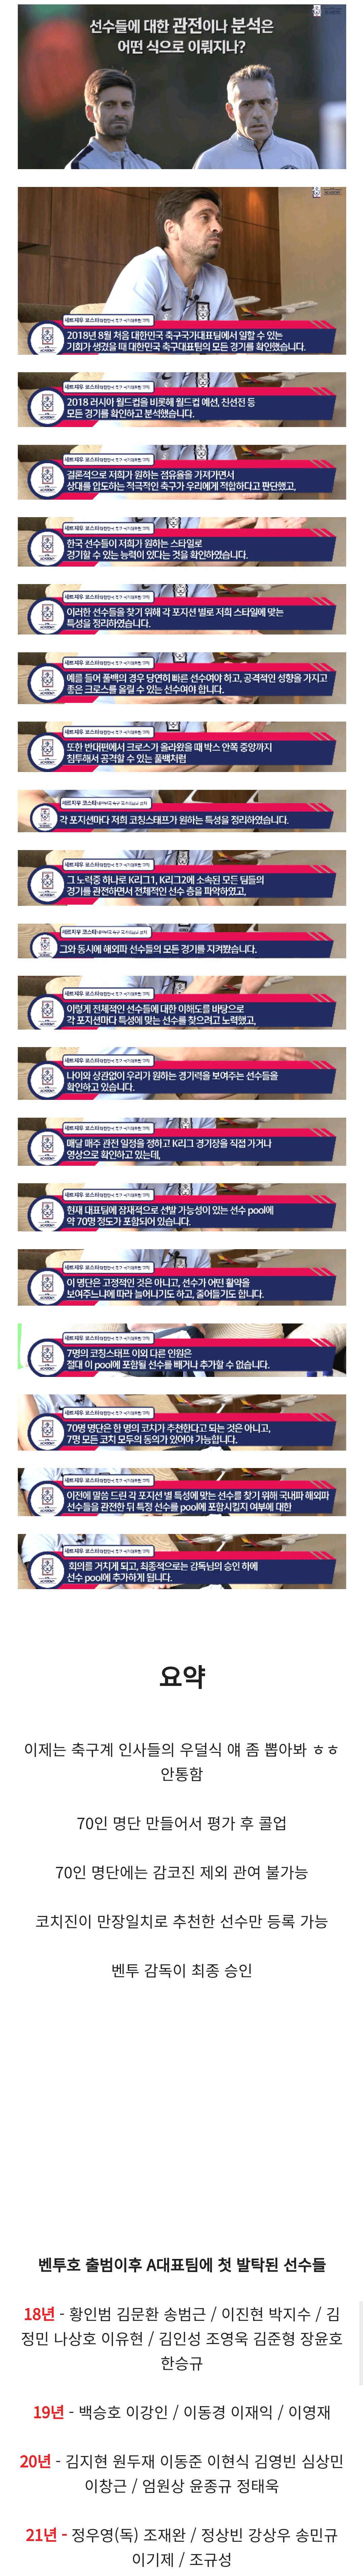 2021-10-13_20-14-31.PNG 벤투 감독이 한국 축구에 가져온 변화 중 하나...jpg